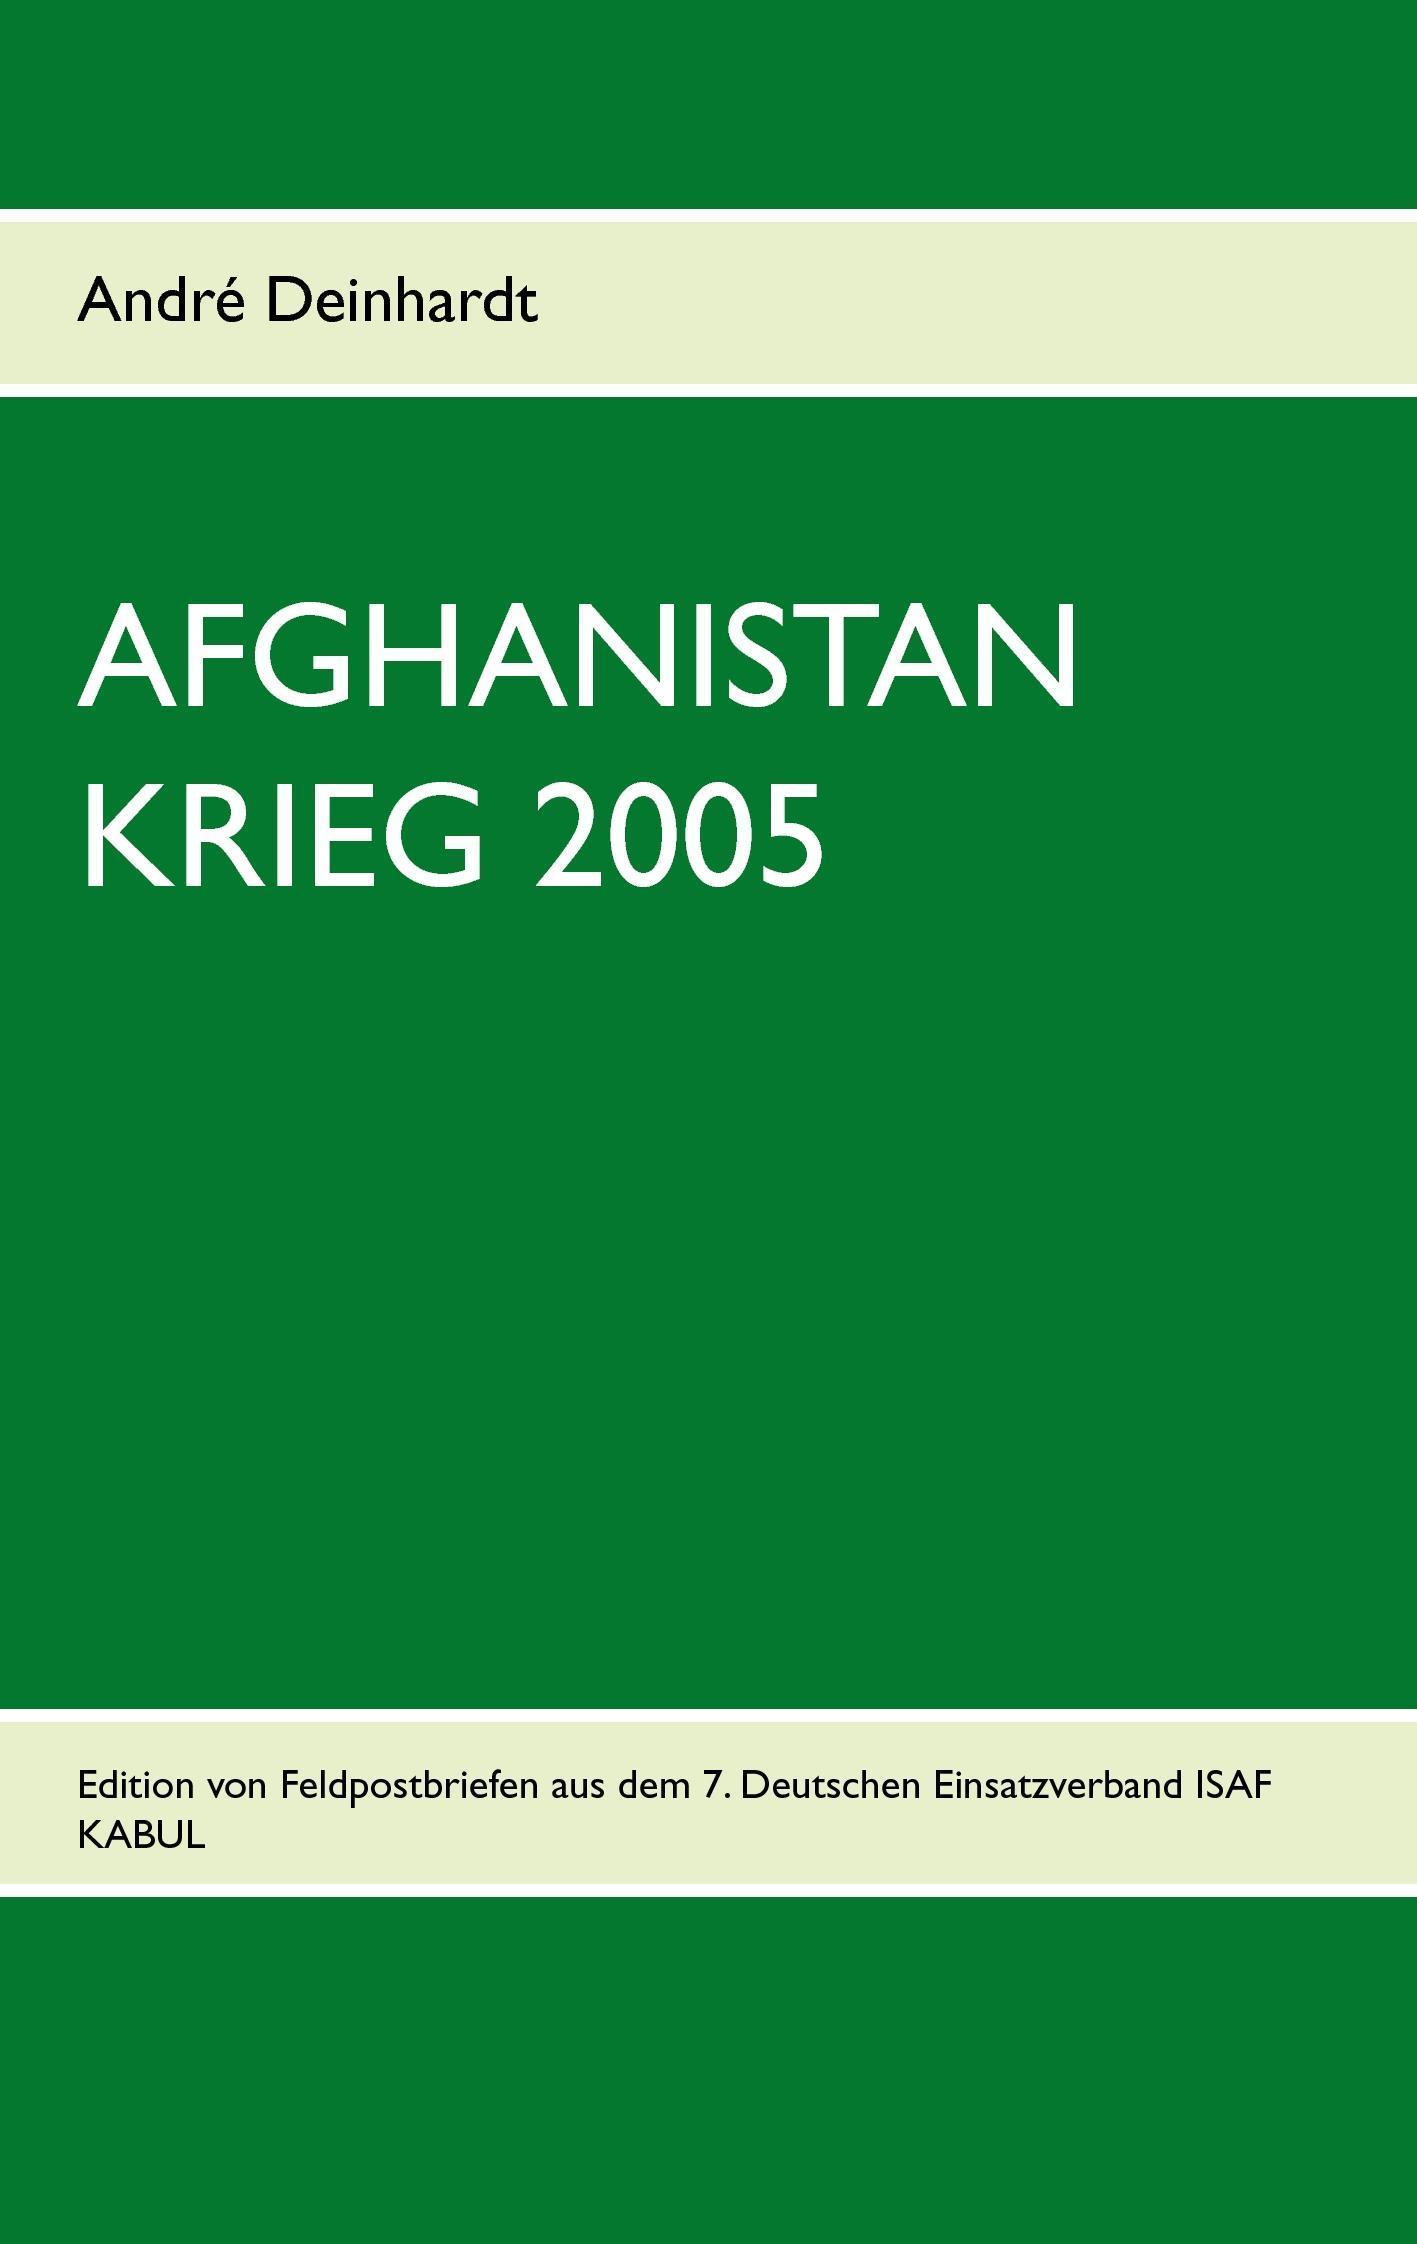 AFGHANISTAN KRIEG 2005